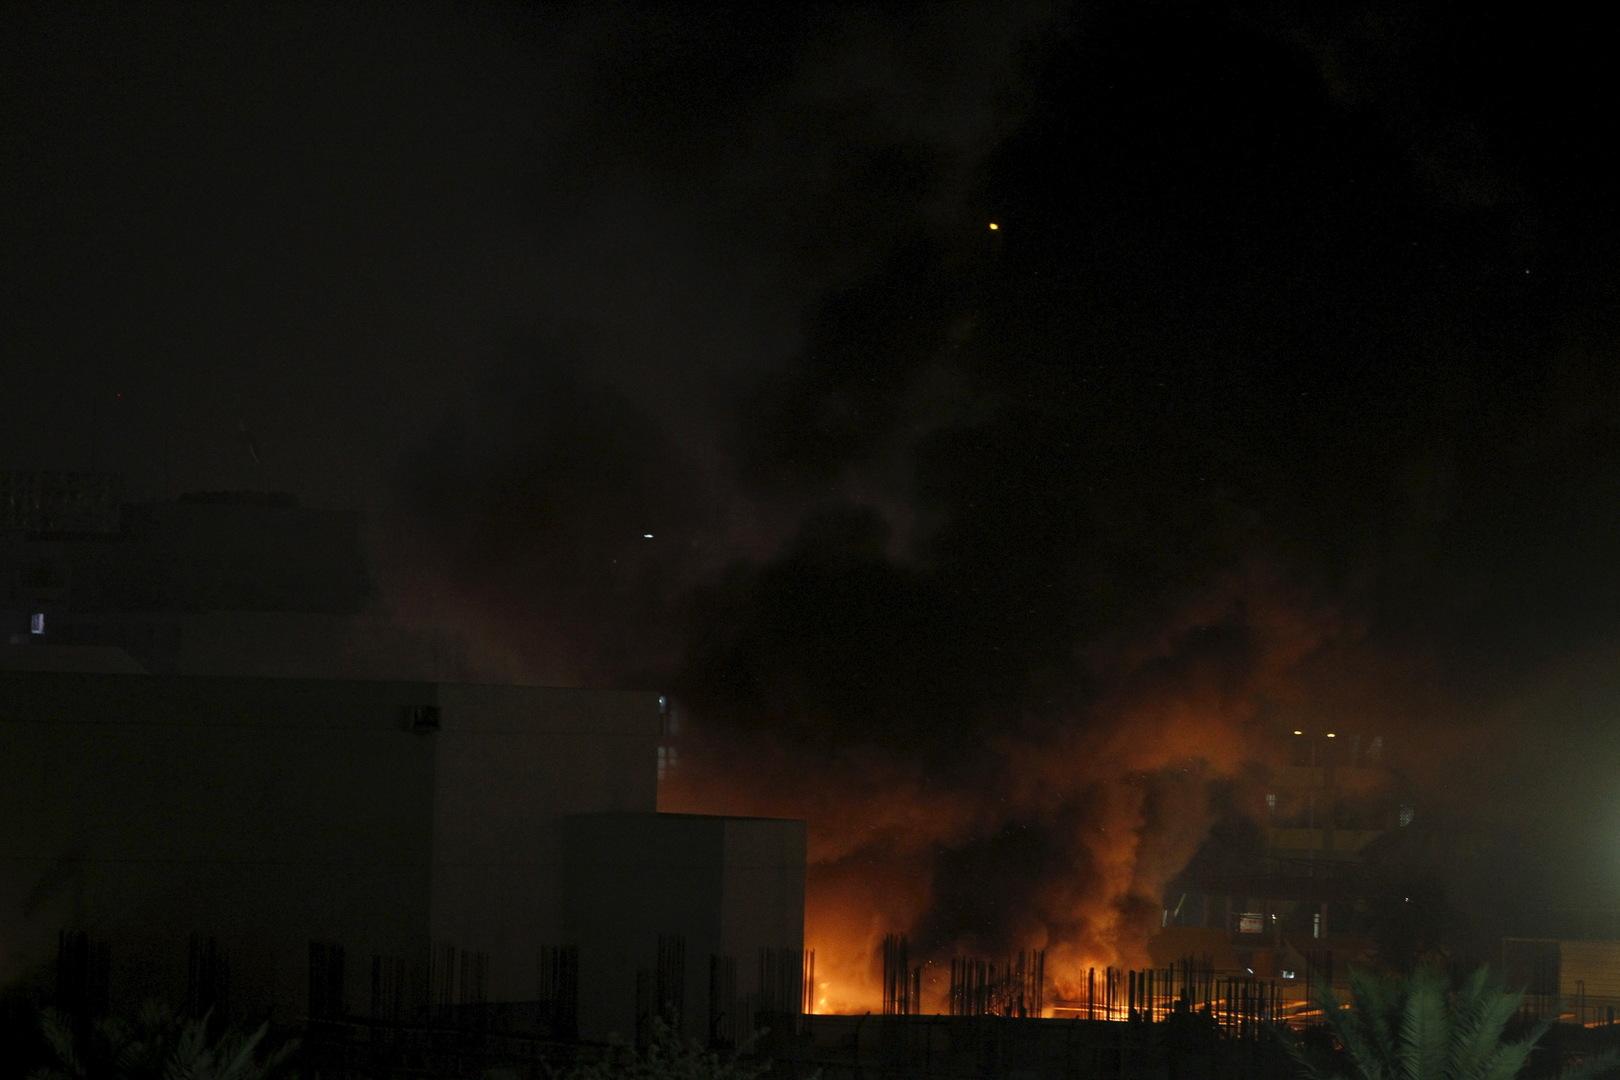 العراق .. مقتل طفلة بحريق اندلع في فندق وسط كربلاء